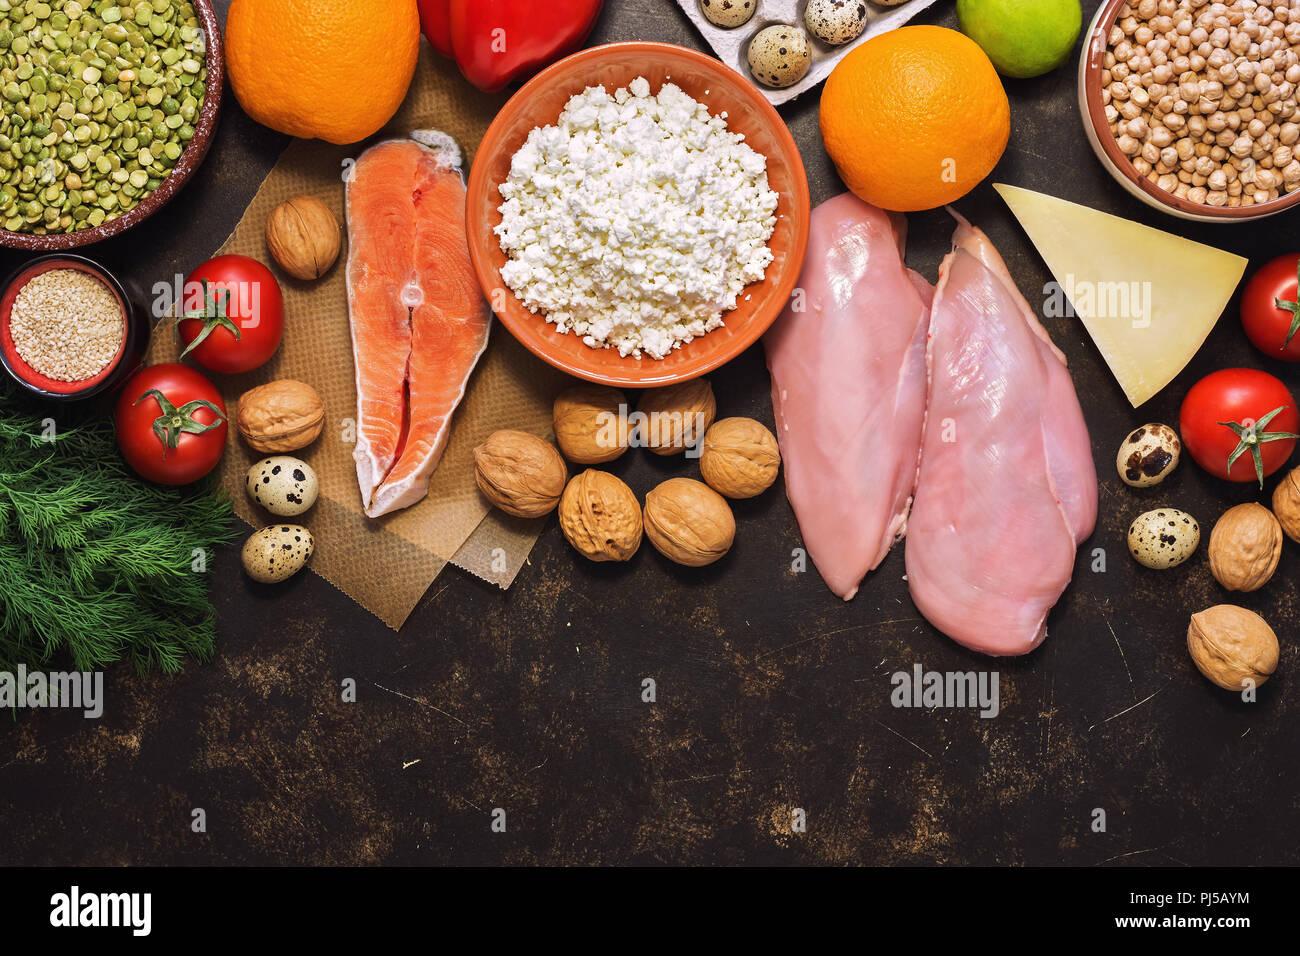 Arrière-plan avec des aliments sains. Poisson rouge, filet de poulet, légumes, fruits, céréales, produits laitiers, œufs de caille. Vue de dessus, copiez l'espace. Photo Stock